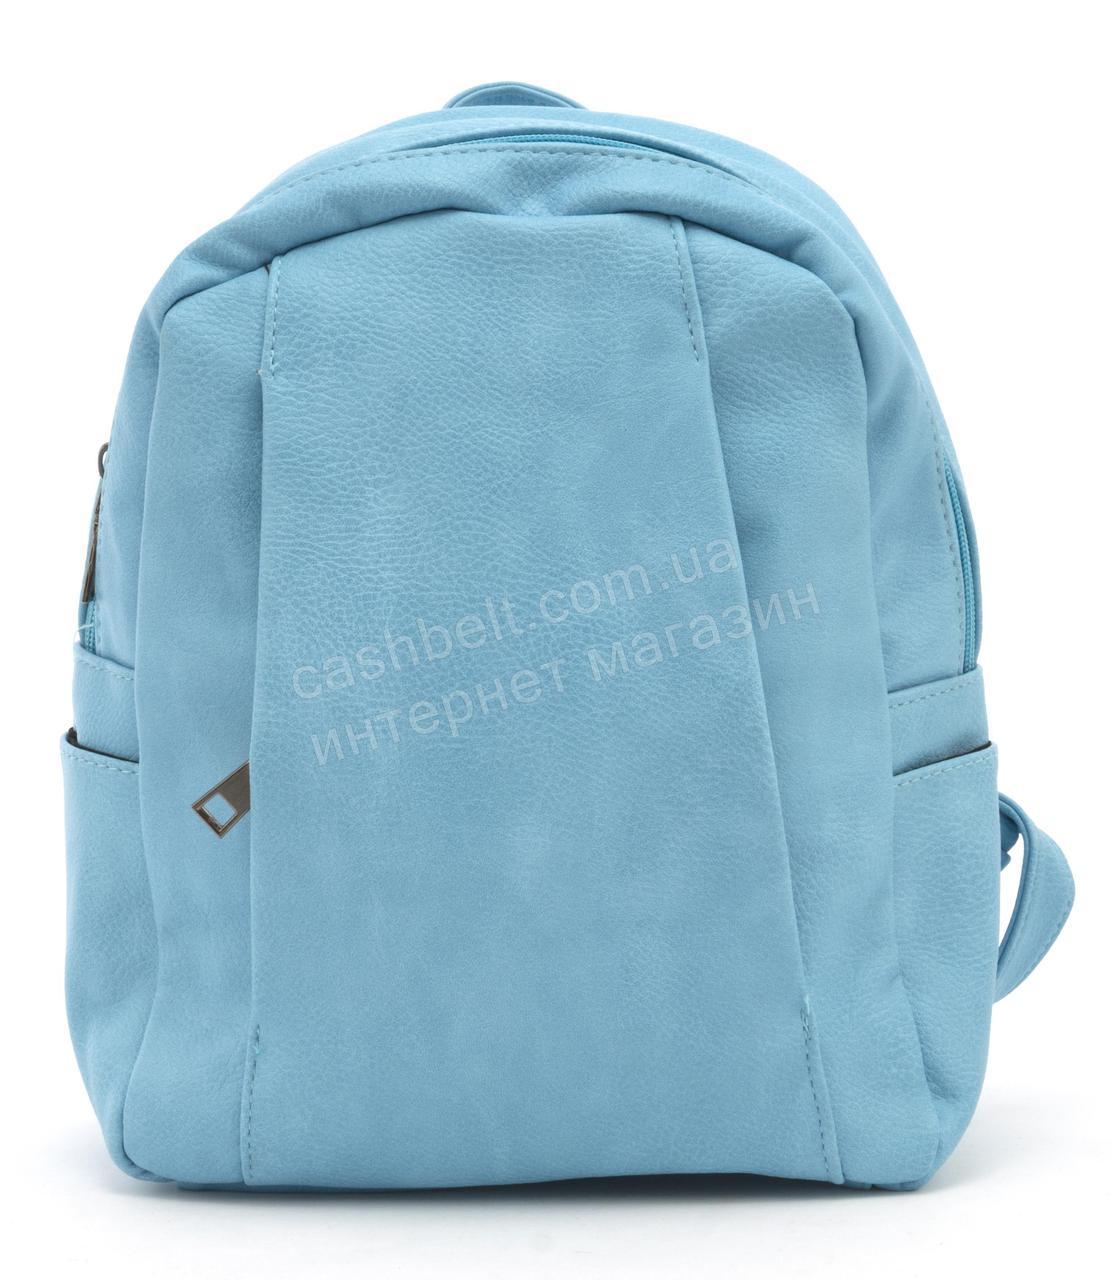 Стильный прочный и надежный рюкзачок Suliya art. 5012 голубой